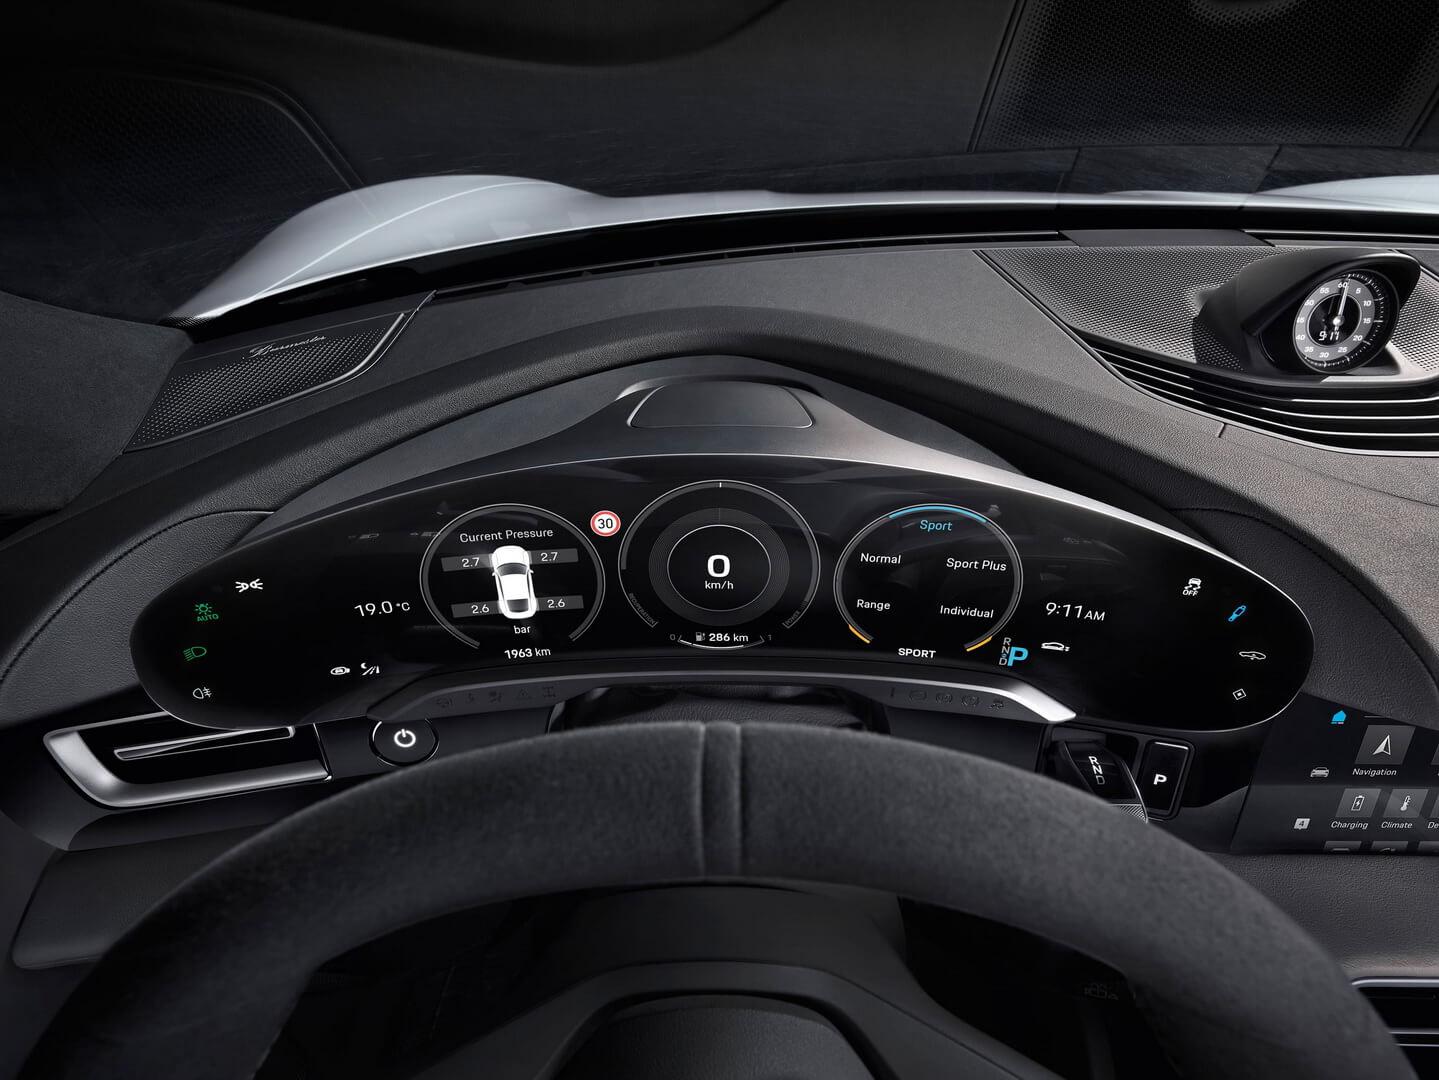 Приборная панель электромобиля Porsche Taycan